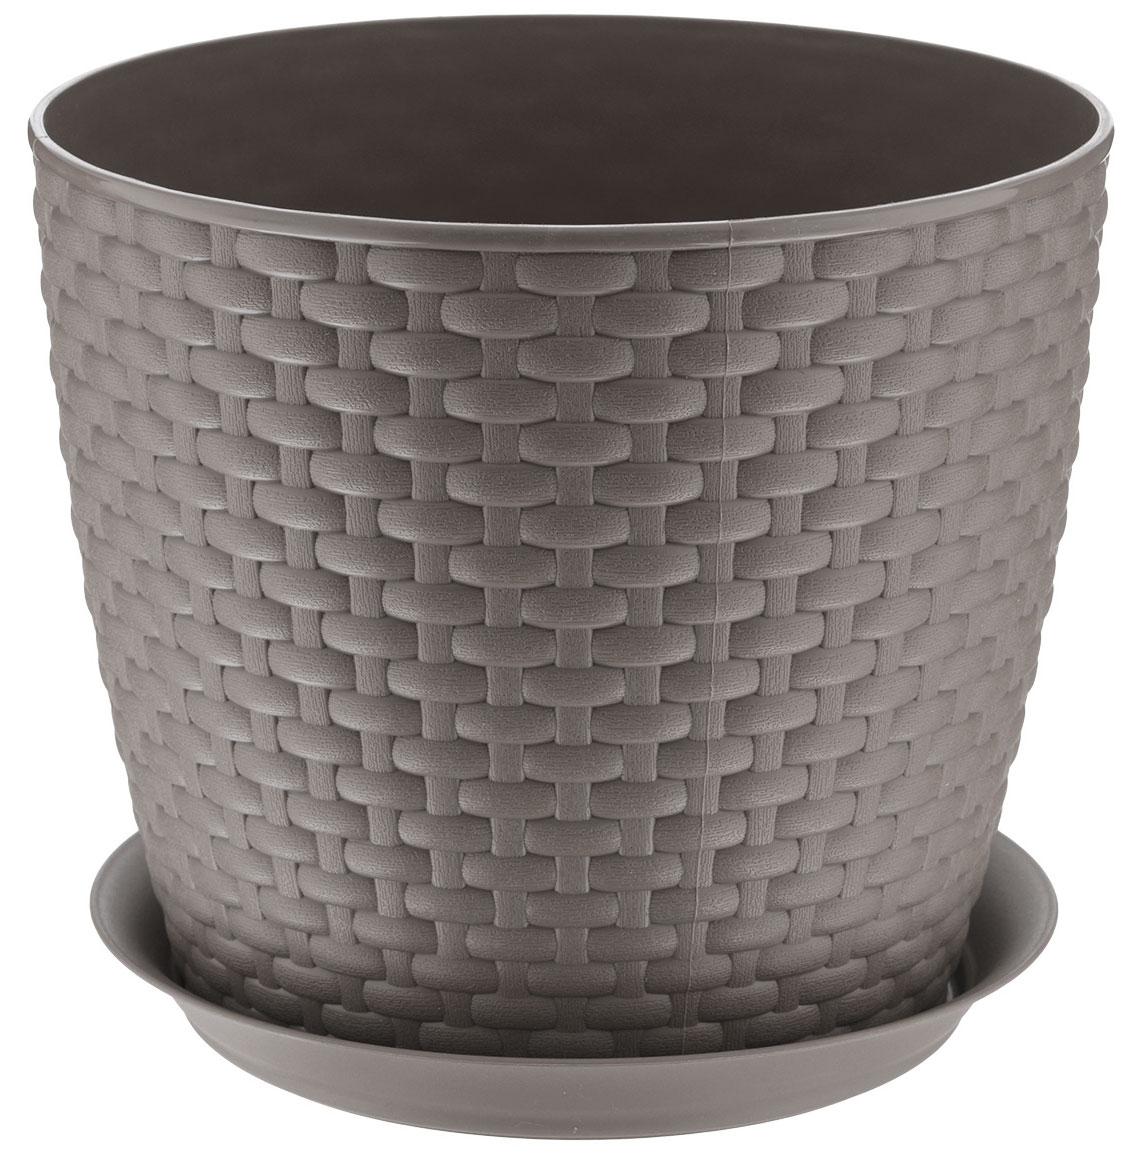 Кашпо Idea Ротанг, с поддоном, цвет: коричневый, 1 лМ 3009Кашпо Idea Ротанг изготовлено из высококачественного пластика. Специальный поддон предназначен для стока воды. Изделие прекрасно подходит для выращивания растений и цветов в домашних условиях. Лаконичный дизайн впишется в интерьер любого помещения. Диаметр поддона: 13 см. Объем кашпо: 1 л.Диаметр кашпо по верхнему краю: 13 см.Высота кашпо: 11,5 см.